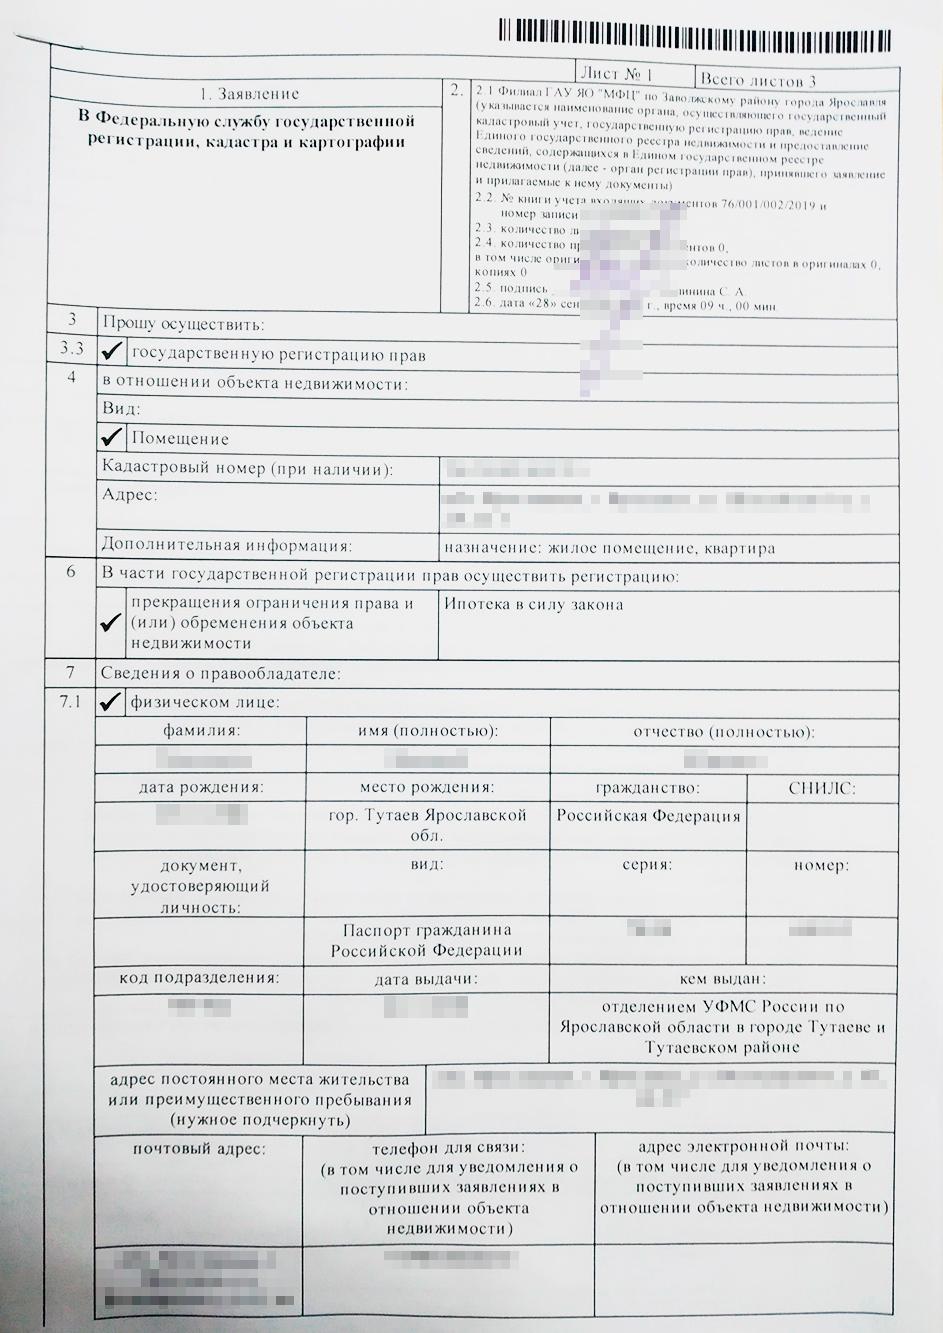 Когда продавец получит деньги из ПФР, он должен пойти в МФЦ и подать документы на снятие обременения. Дляэтого нужно указать в пункте 6, что обременение можно снять